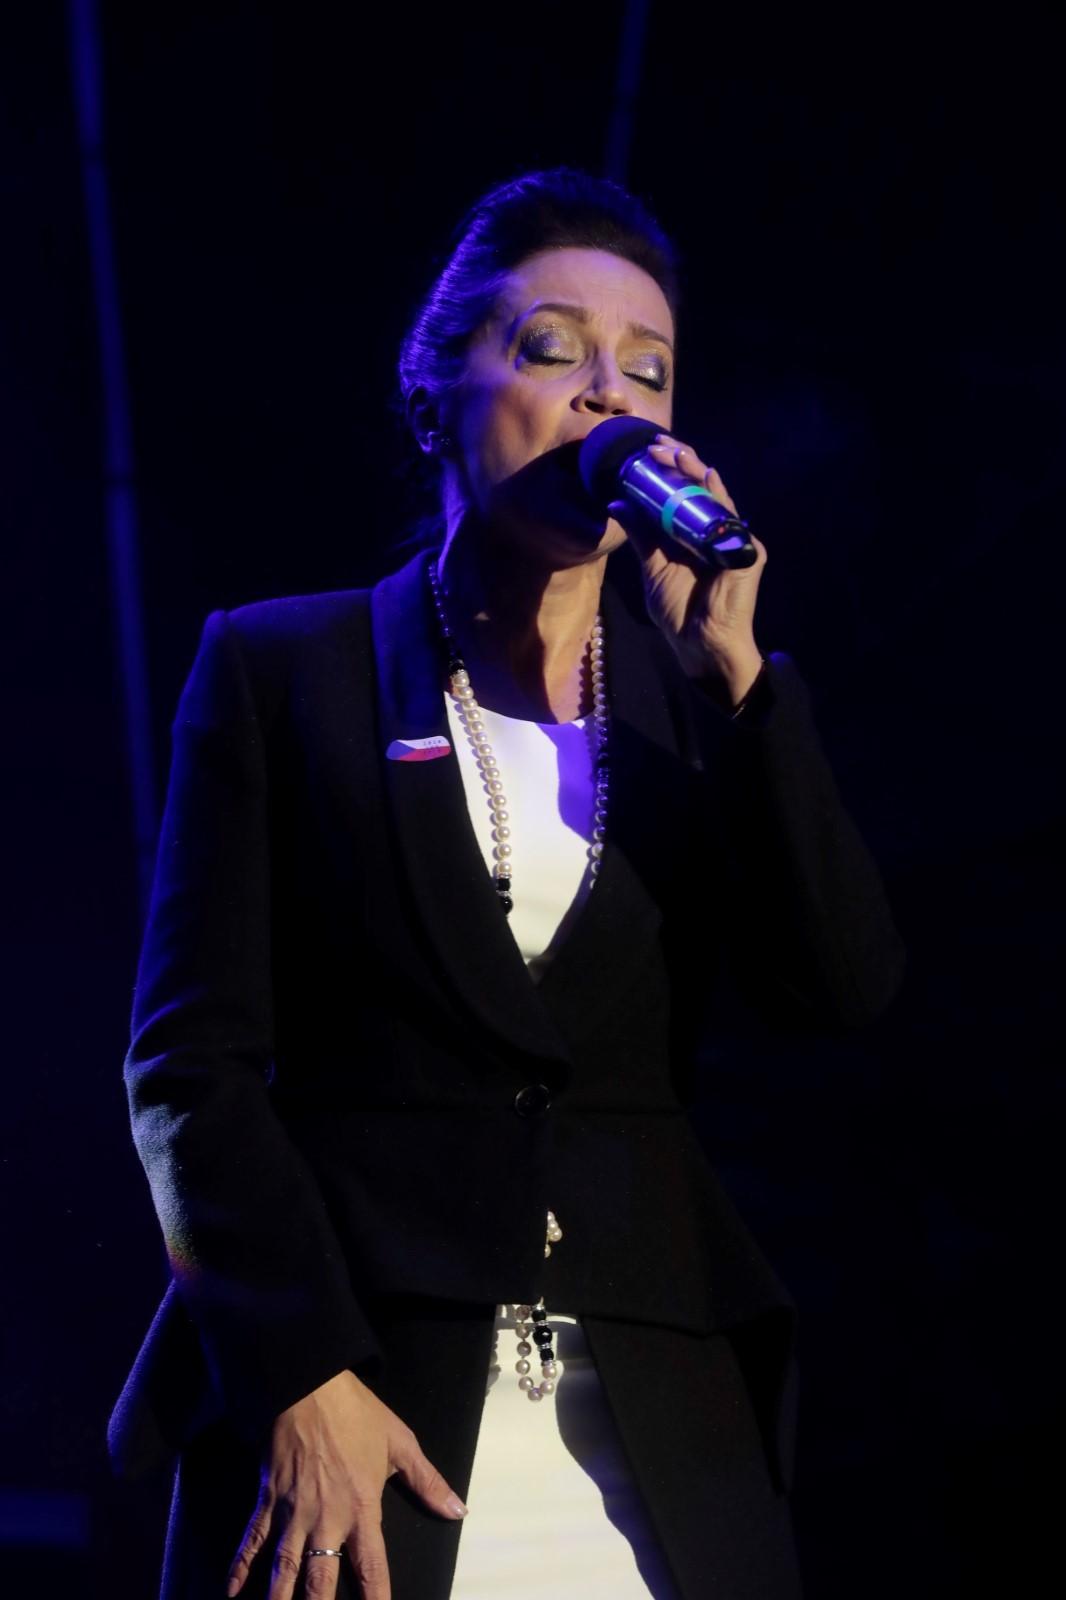 Lucie Bílá na koncertu k výročí 100 let Československa na Staromětském náměstí, 28. 10. 2018